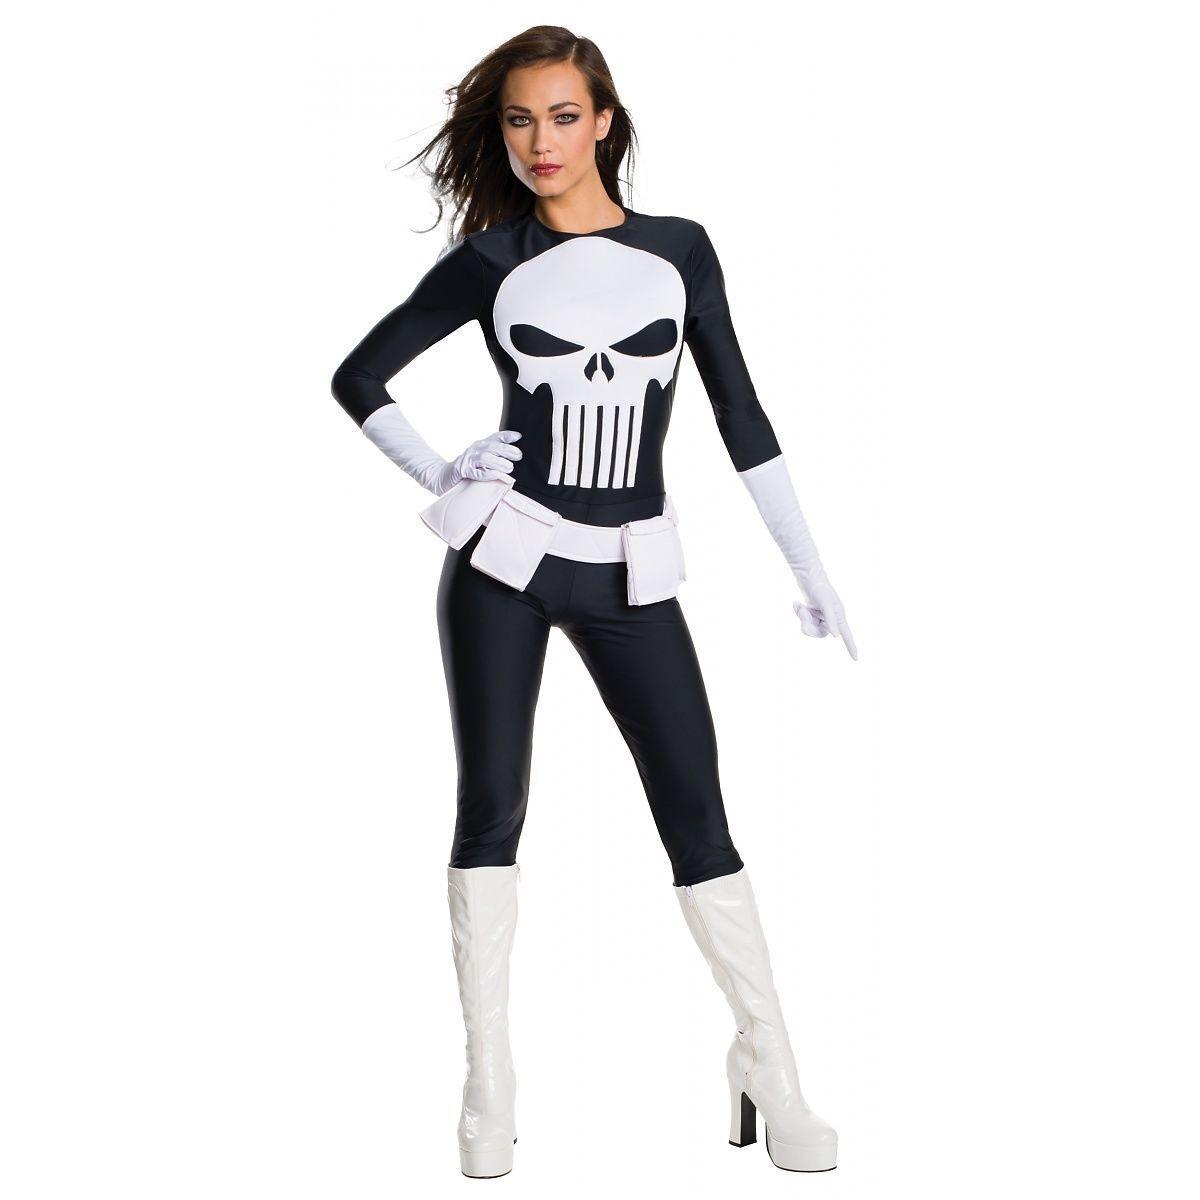 Punisher Kostüm Kostüm Kostüm Erwachsene Damen Superheld Halloween Kostüm Rubies Marvel | Elegante und robuste Verpackung  eb193c